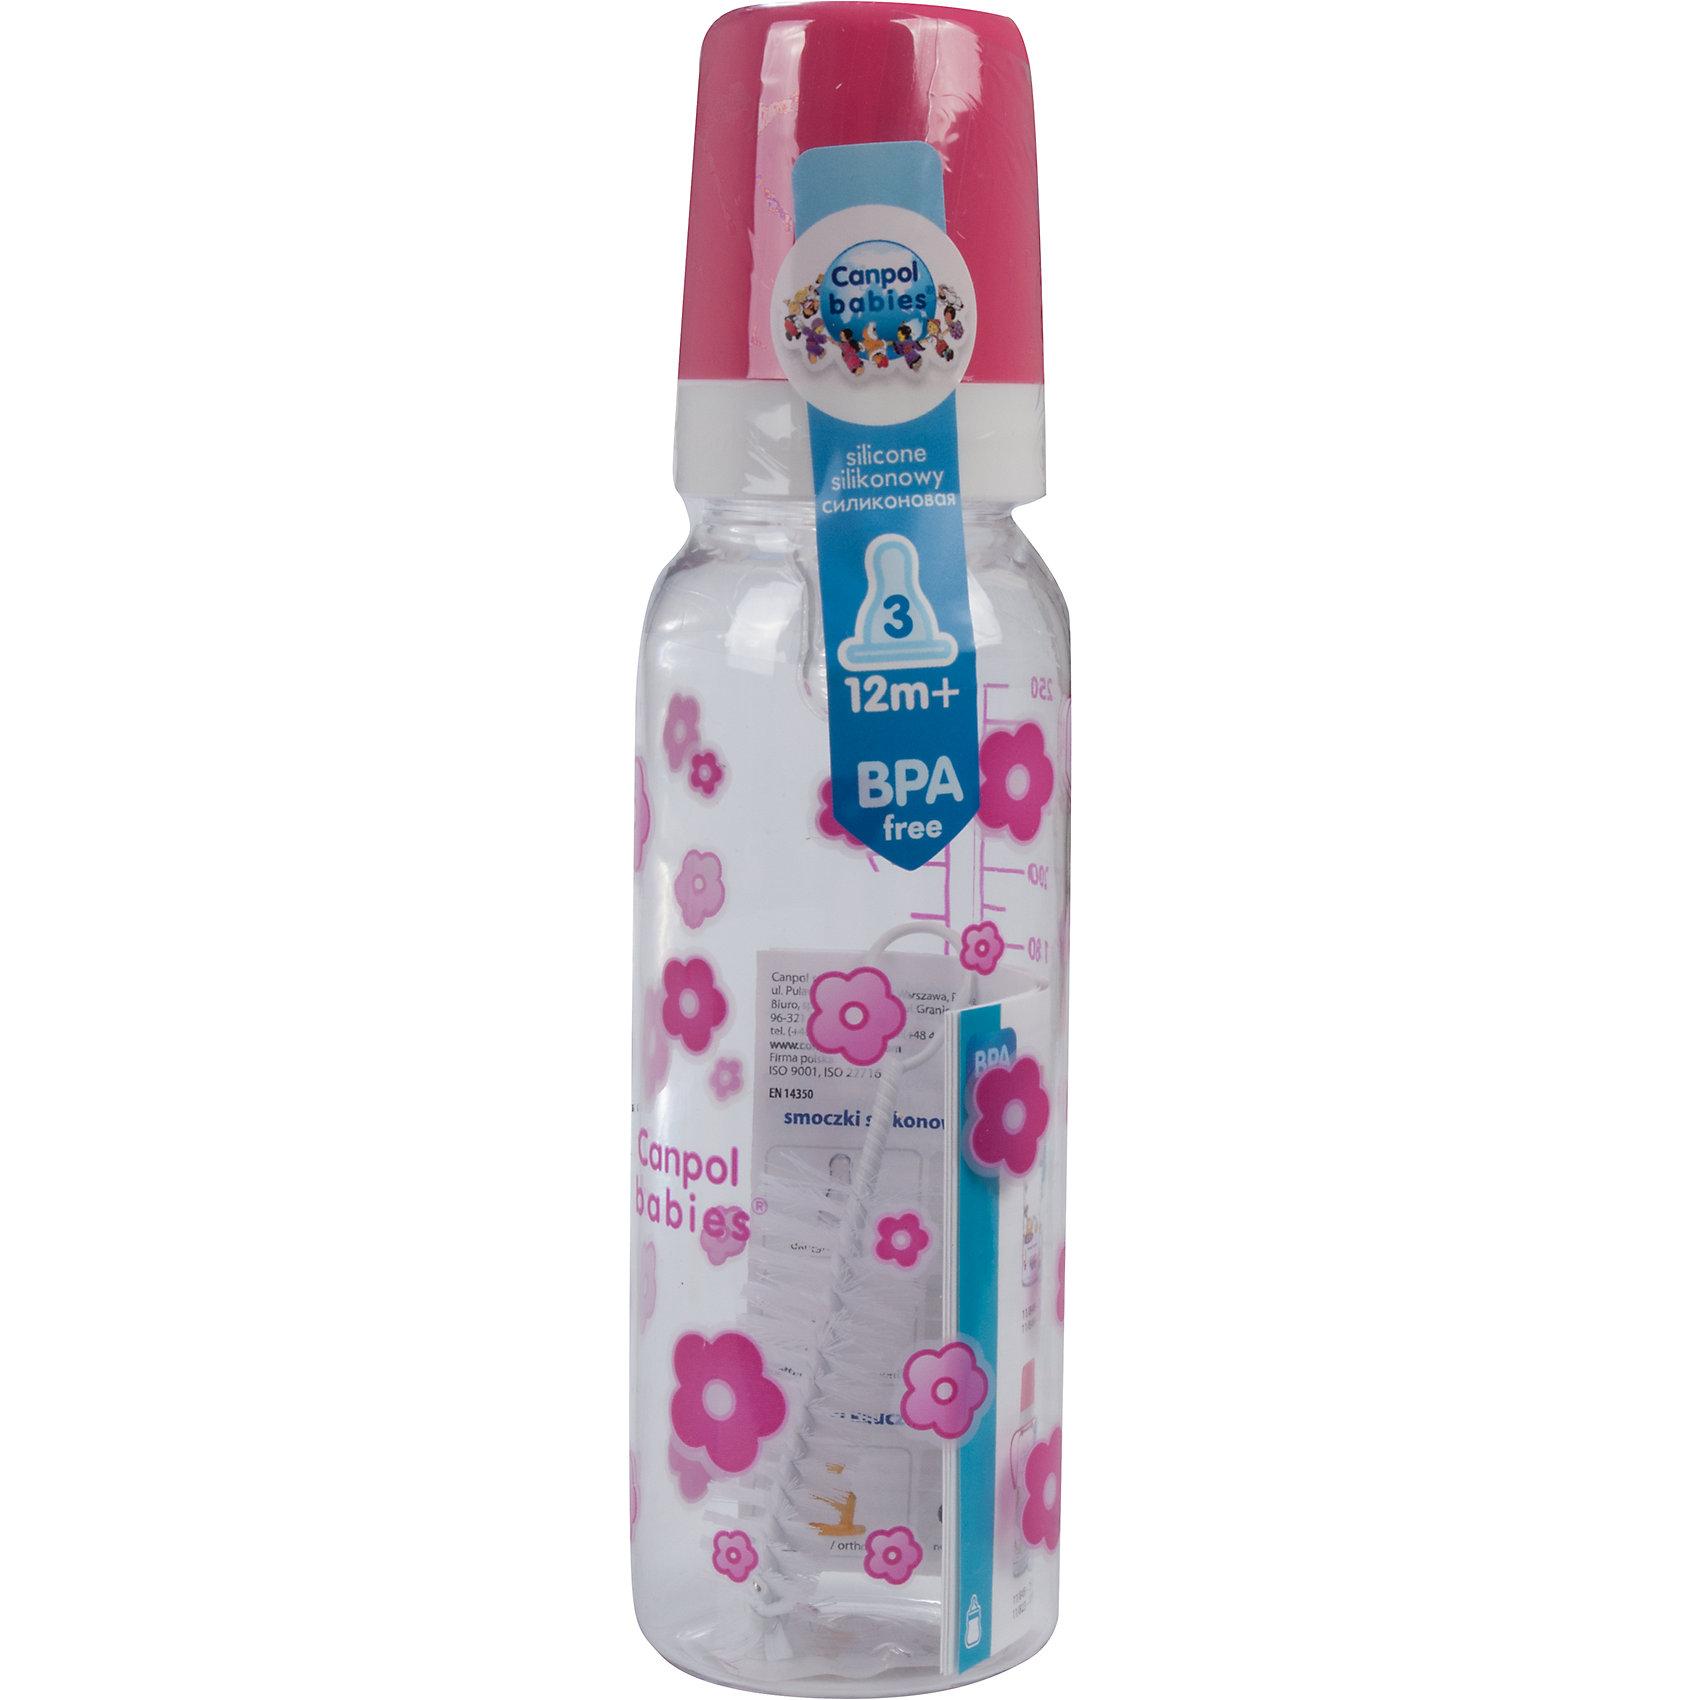 Бутылочка тритановая (BPA 0%) с сил. соской, 250 мл. 12+, Canpol Babies, розовый210 - 281 мл.<br>Бутылочка тритановая (BPA 0%) с сил. соской, 250 мл. 12+, Canpol Babies, (Канпол Бейбис), розовый.<br><br>Характеристики: <br><br>• Объем бутылочки: 250 мл.<br>• Материал бутылочки: тритан - пластик нового поколения.<br>• Материал соски: силикон.<br>• Цвет : розовый. <br>Бутылочка тритановая (BPA 0%) с сил. соской, 250 мл. 12+, Canpol Babies, (Канпол Бейбис) имеет классическую форму. Удобна в использовании дома и в дороге. Бутылочка выполнена из безопасного качественного материала - тритана, который хорошо держит тепло, снабжена силиконовой соской (быстрый поток) и защитным колпачком, имеет удобную мерную шкалу.  Такую бутылочку и все части можно кипятить в воде или стерилизовать с помощью специального прибора. Не впитывает запахи. Бутылочка выполнена в розовом цвете и украшена забавным принтом.<br>Бутылочку тритановая (BPA 0%) с сил. соской, 250 мл. 12+, Canpol Babies, (Канпол Бейбис), розовый можно купить в нашем интернет- магазине.<br><br>Ширина мм: 65<br>Глубина мм: 54<br>Высота мм: 235<br>Вес г: 670<br>Возраст от месяцев: 12<br>Возраст до месяцев: 36<br>Пол: Женский<br>Возраст: Детский<br>SKU: 5156806